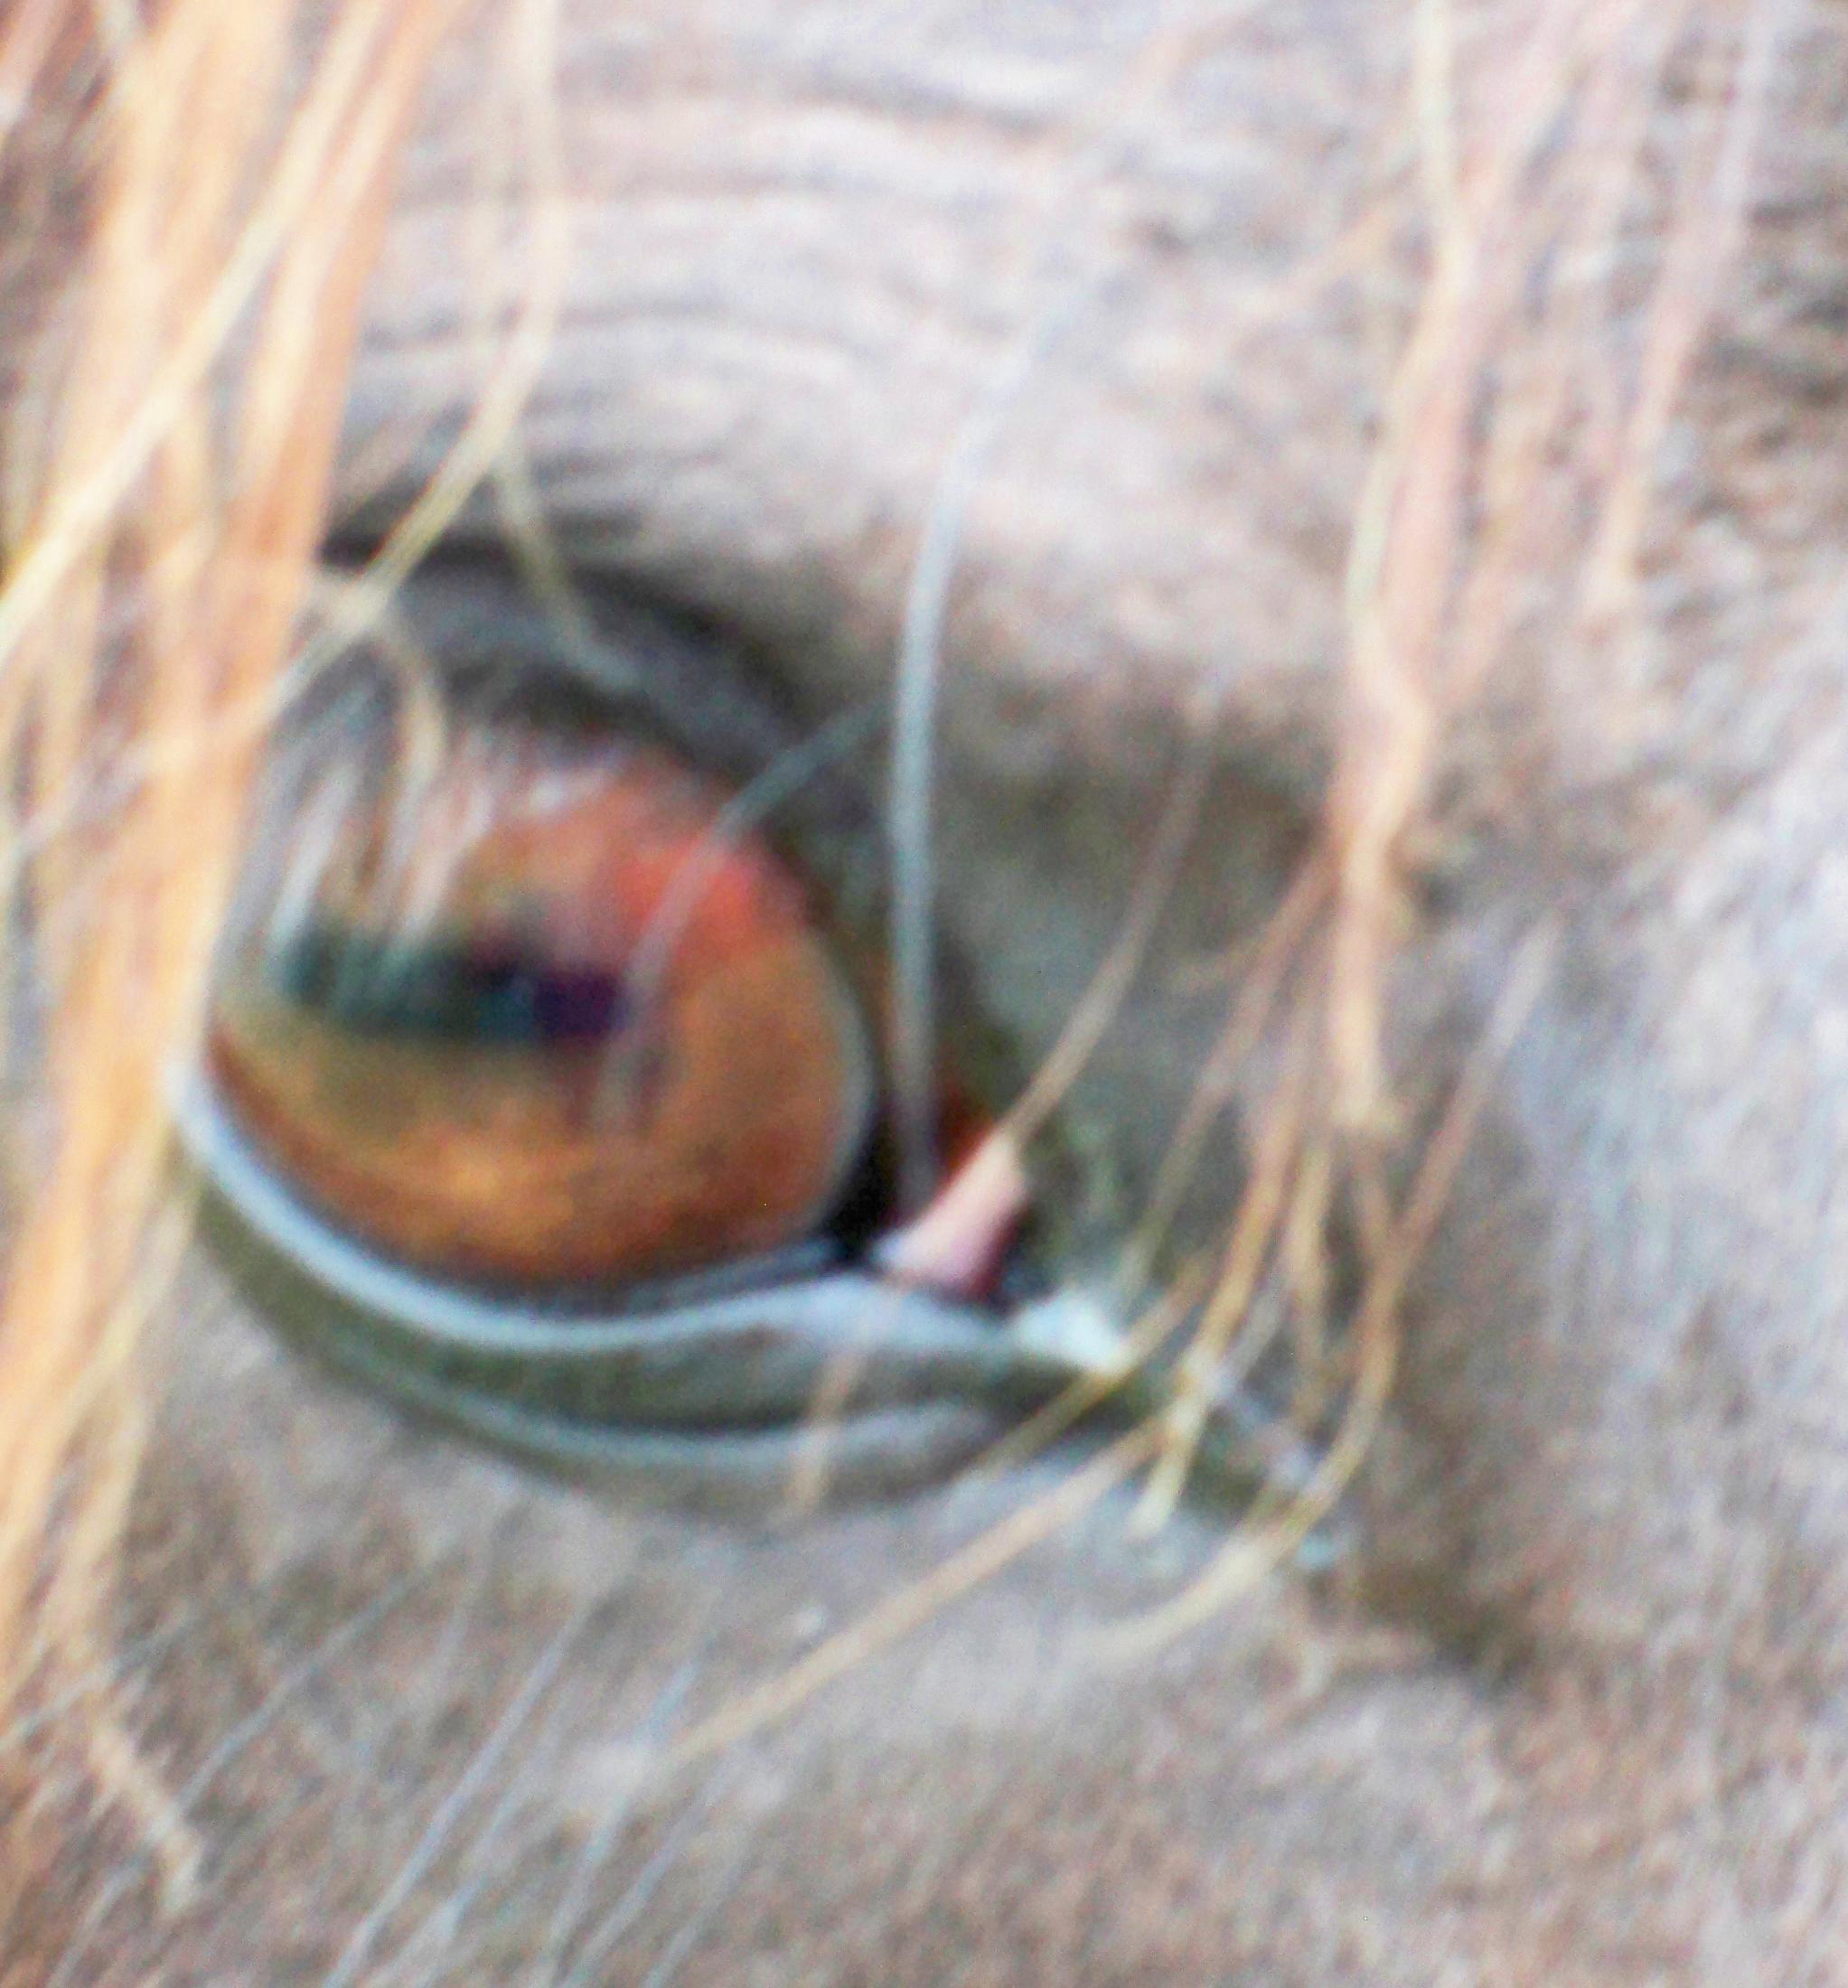 Zaras-eye-2.jpeg